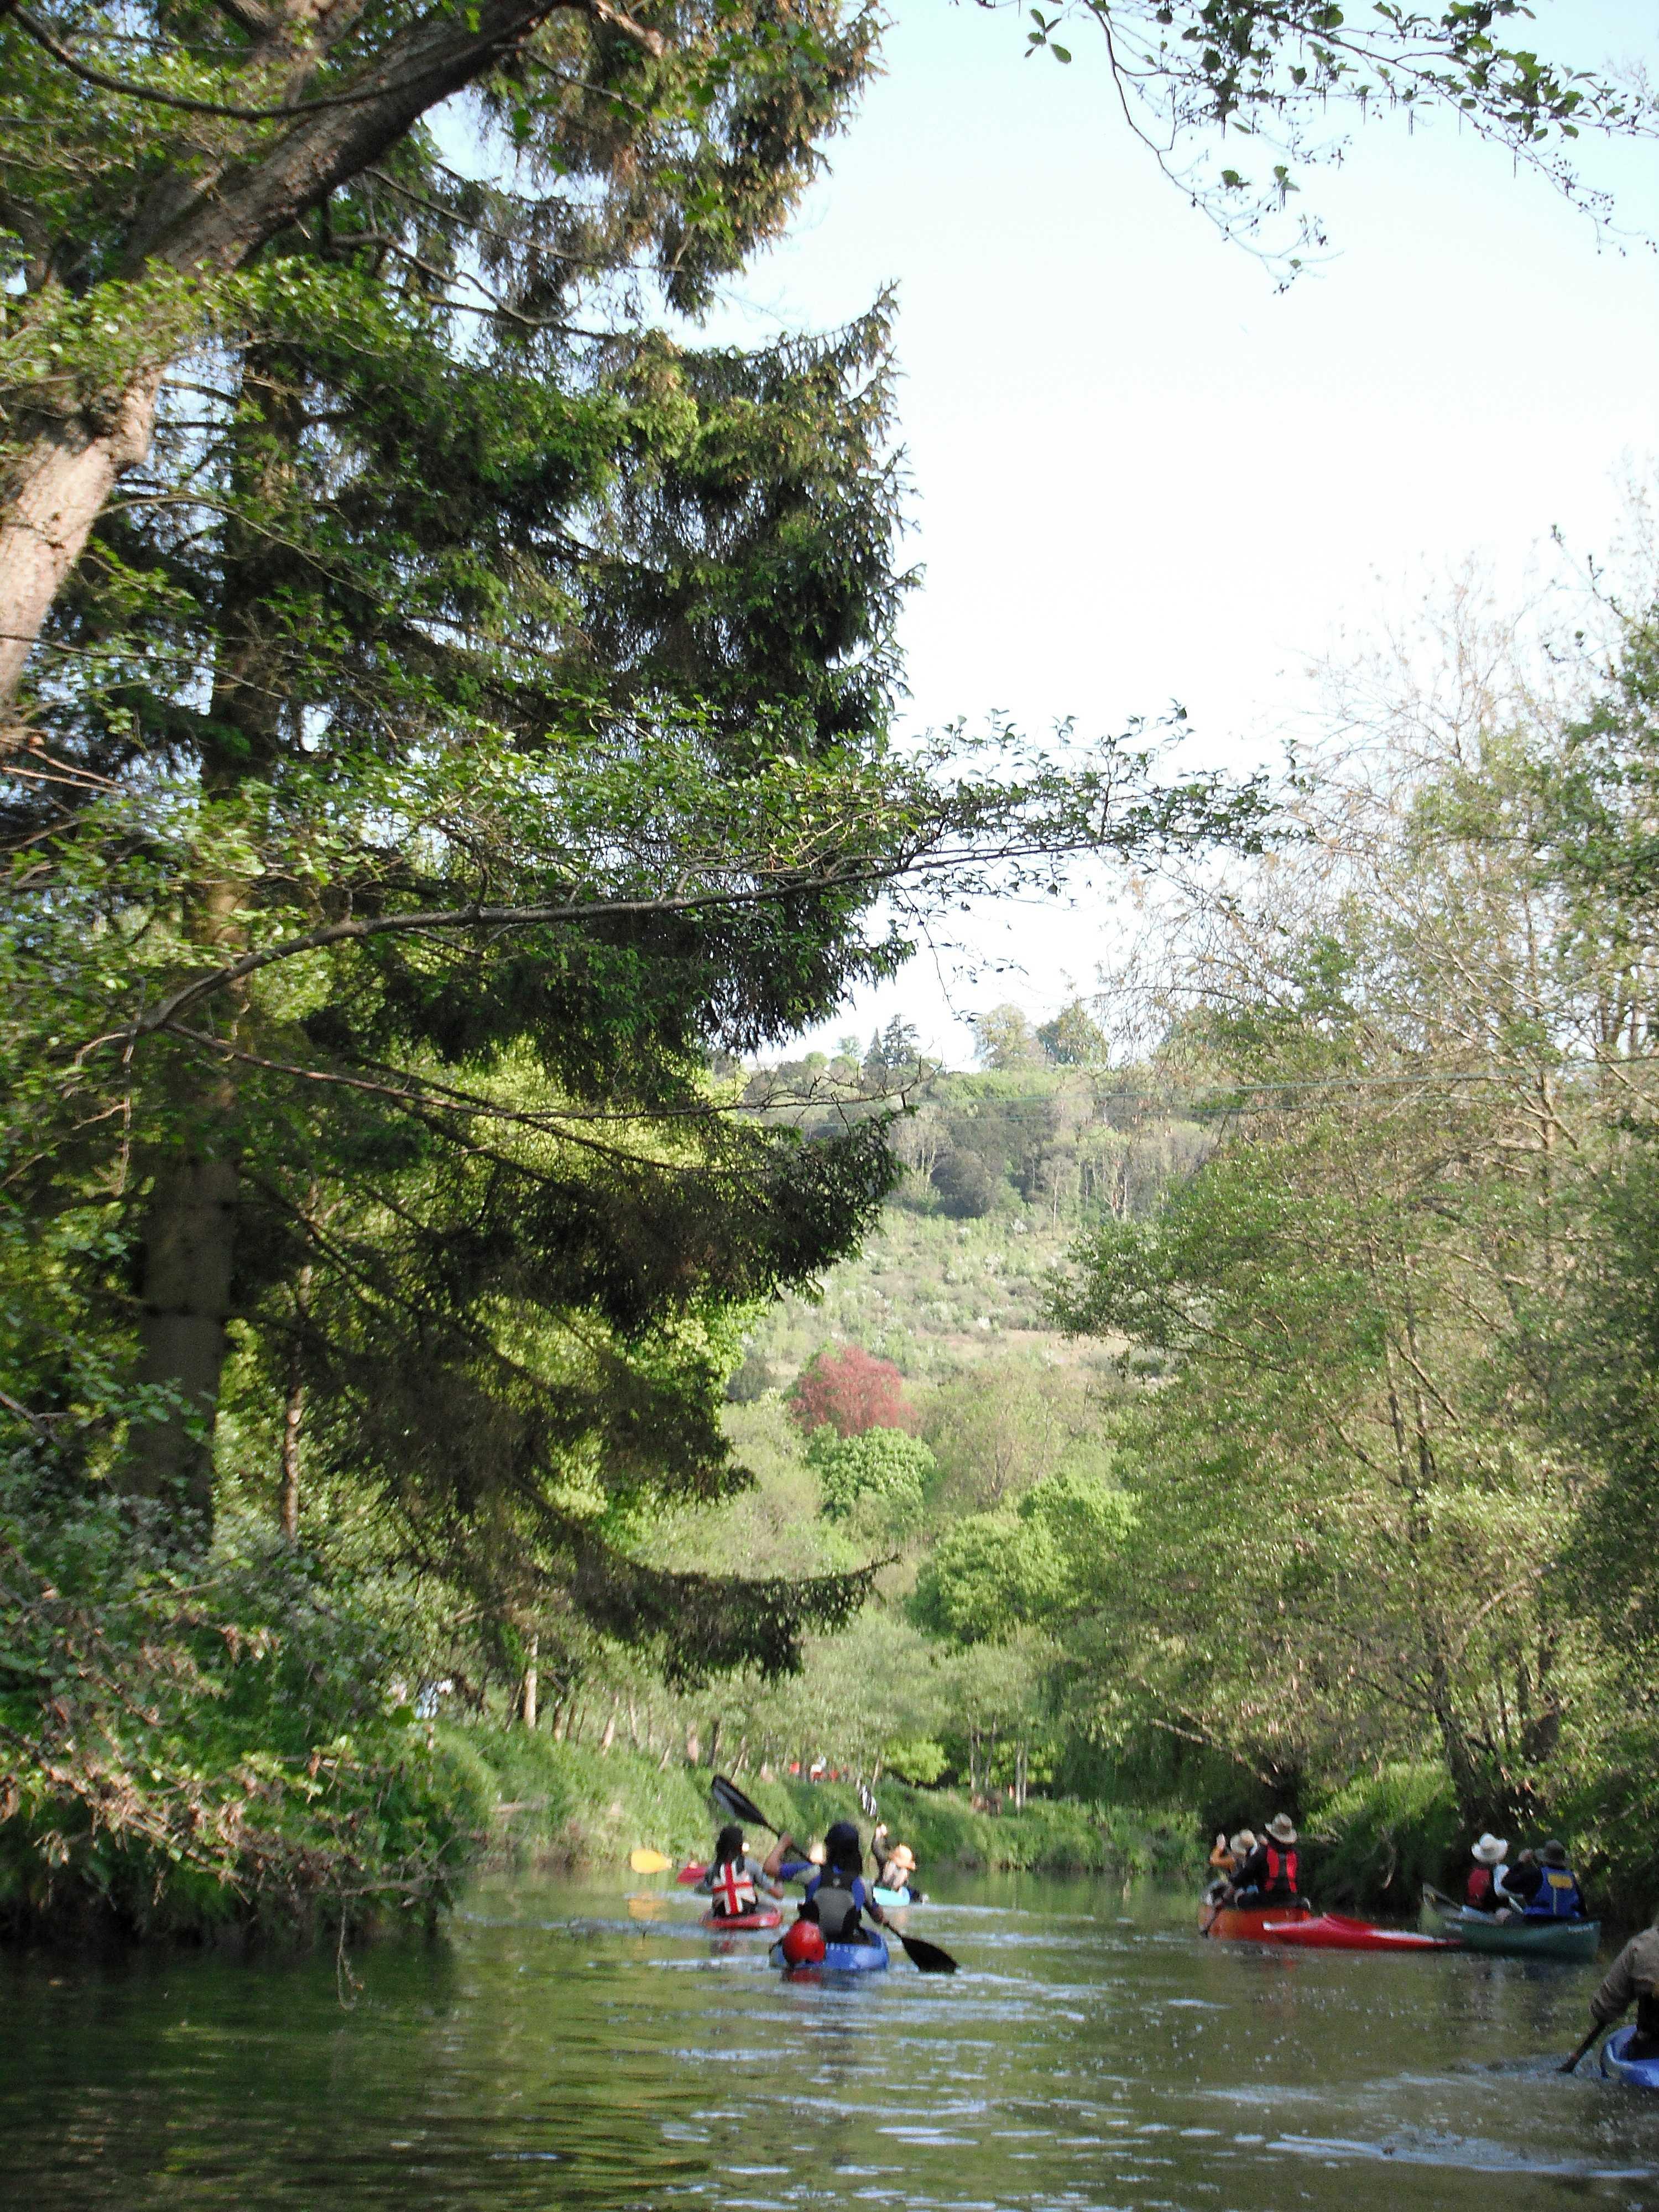 Mole River Trip - 22 March